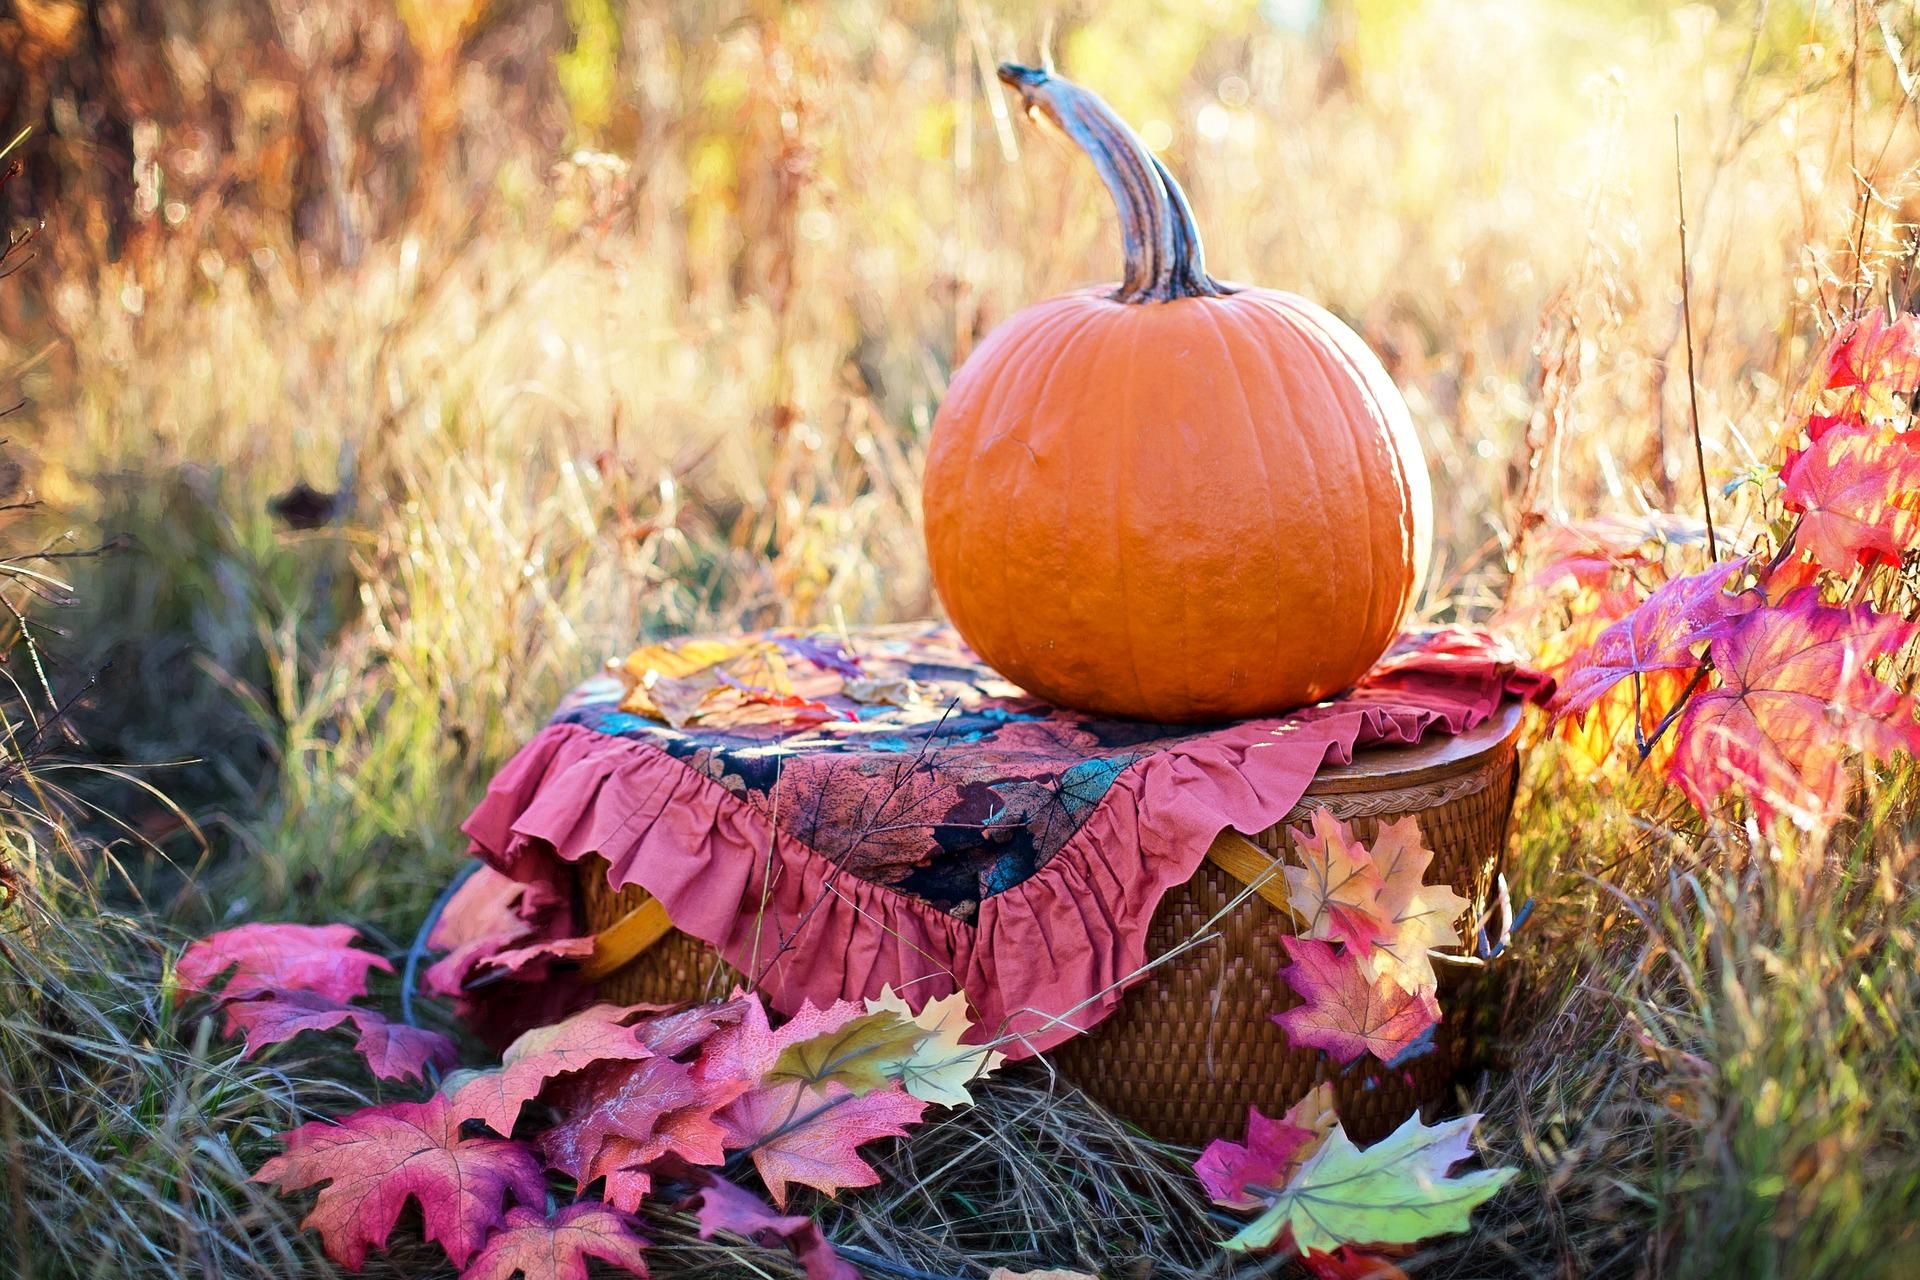 Photo of a Pumpkin in an Autumn Meadow